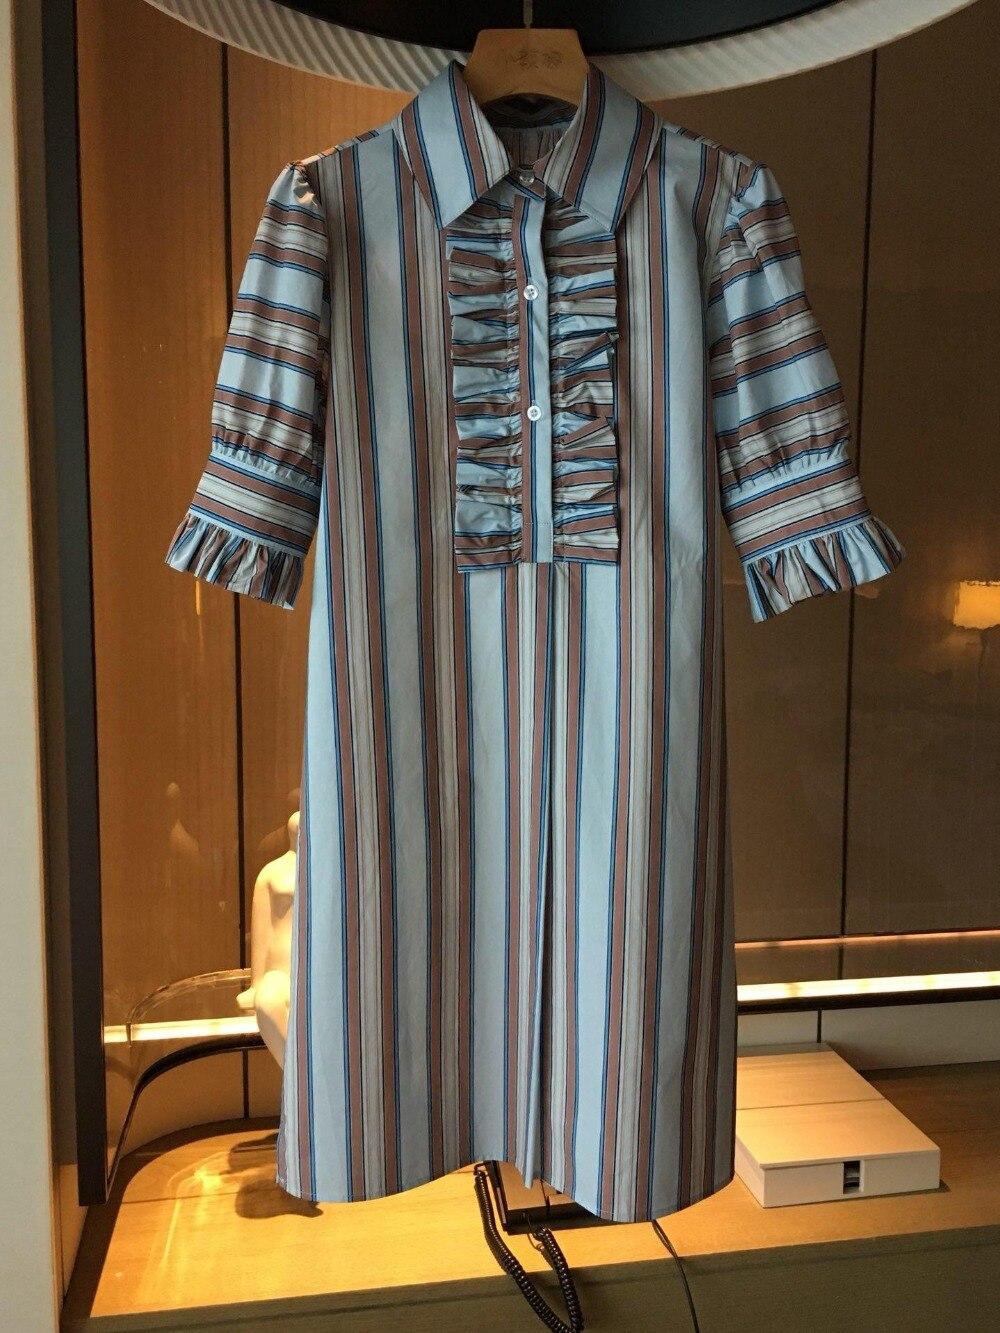 2019 printemps été nouvelle mode rayé coton femmes robe col rabattu femmes robes 0308